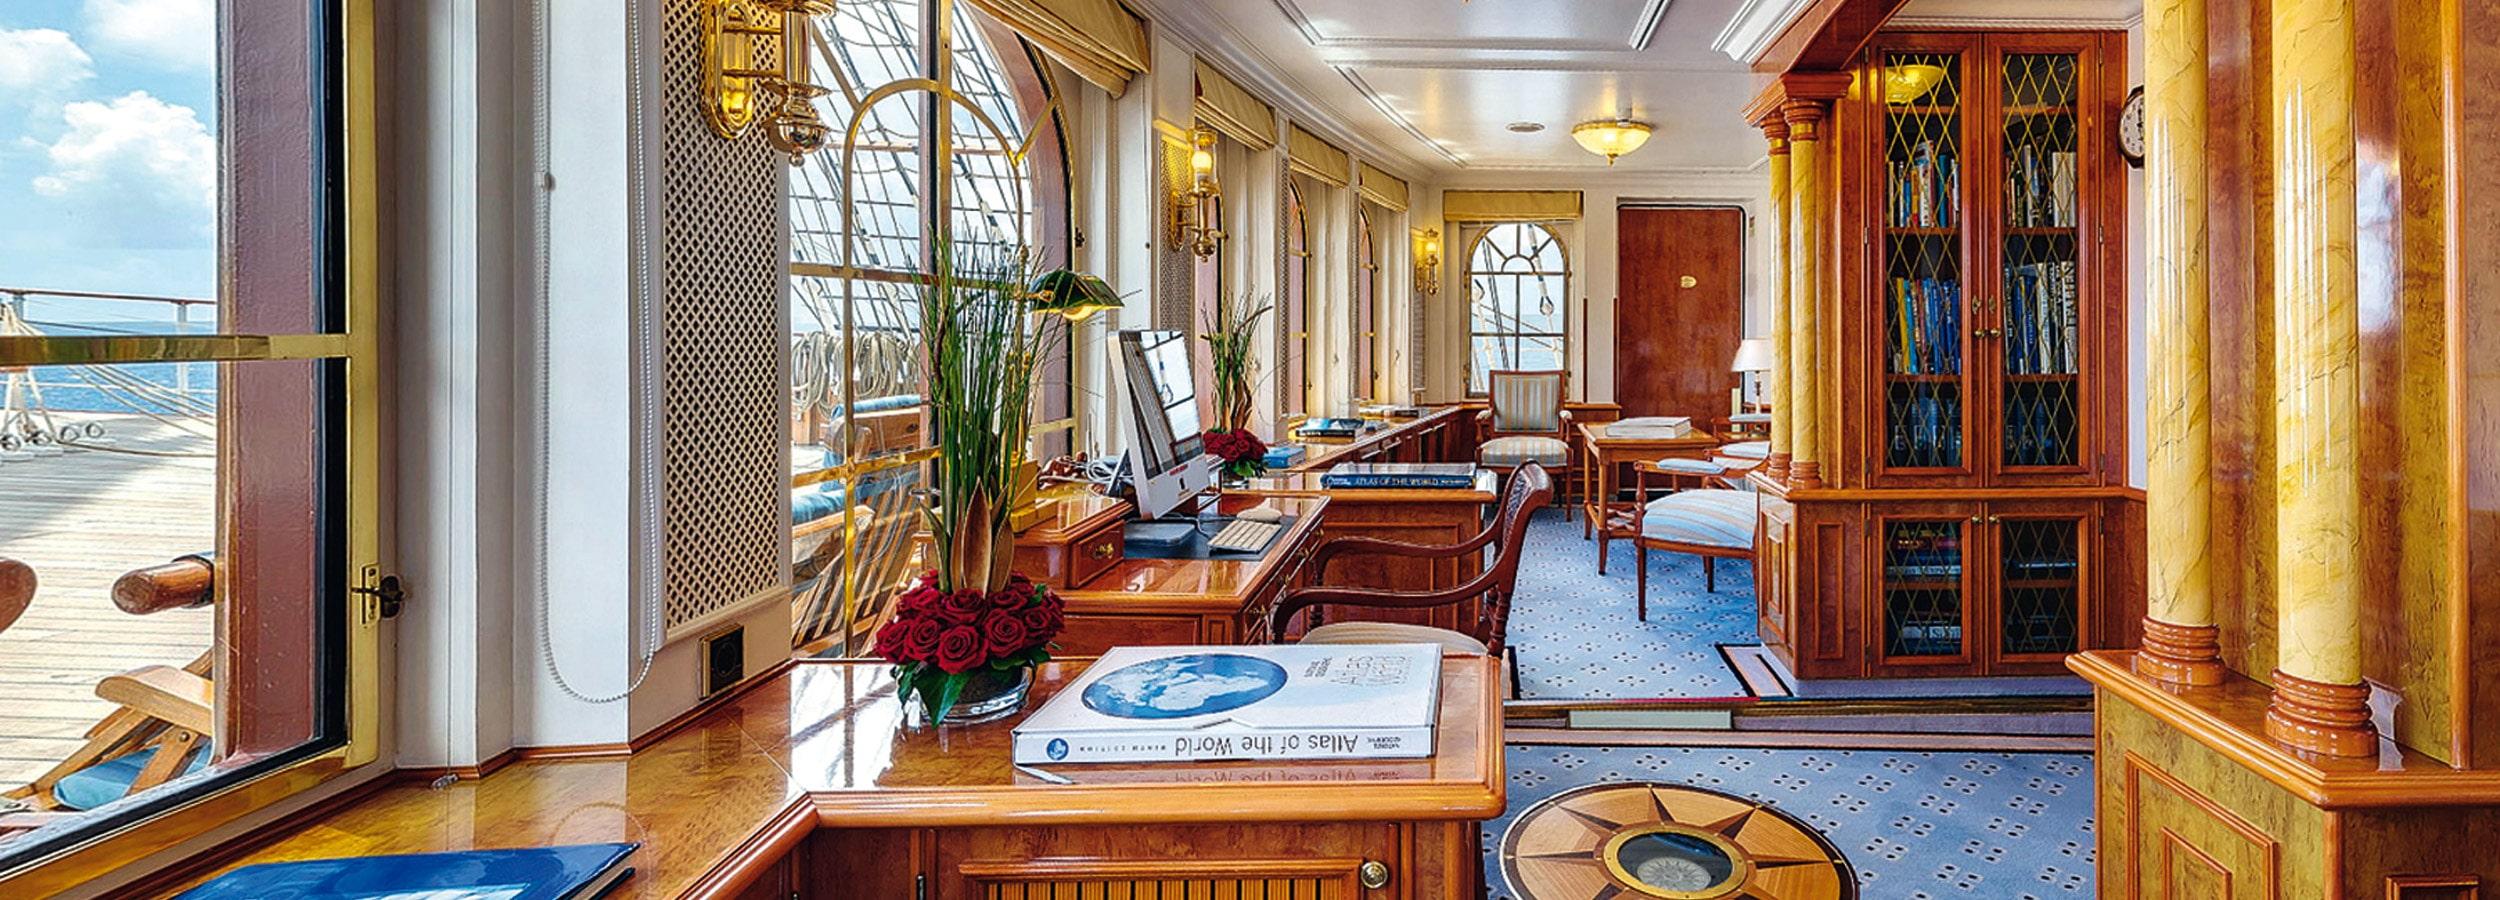 Viele Kreuzfahrtsegler verfügen über Räumlichkeiten für Tagungen, Meetings und Konferenzen mit 100-300 Teilnehmern.